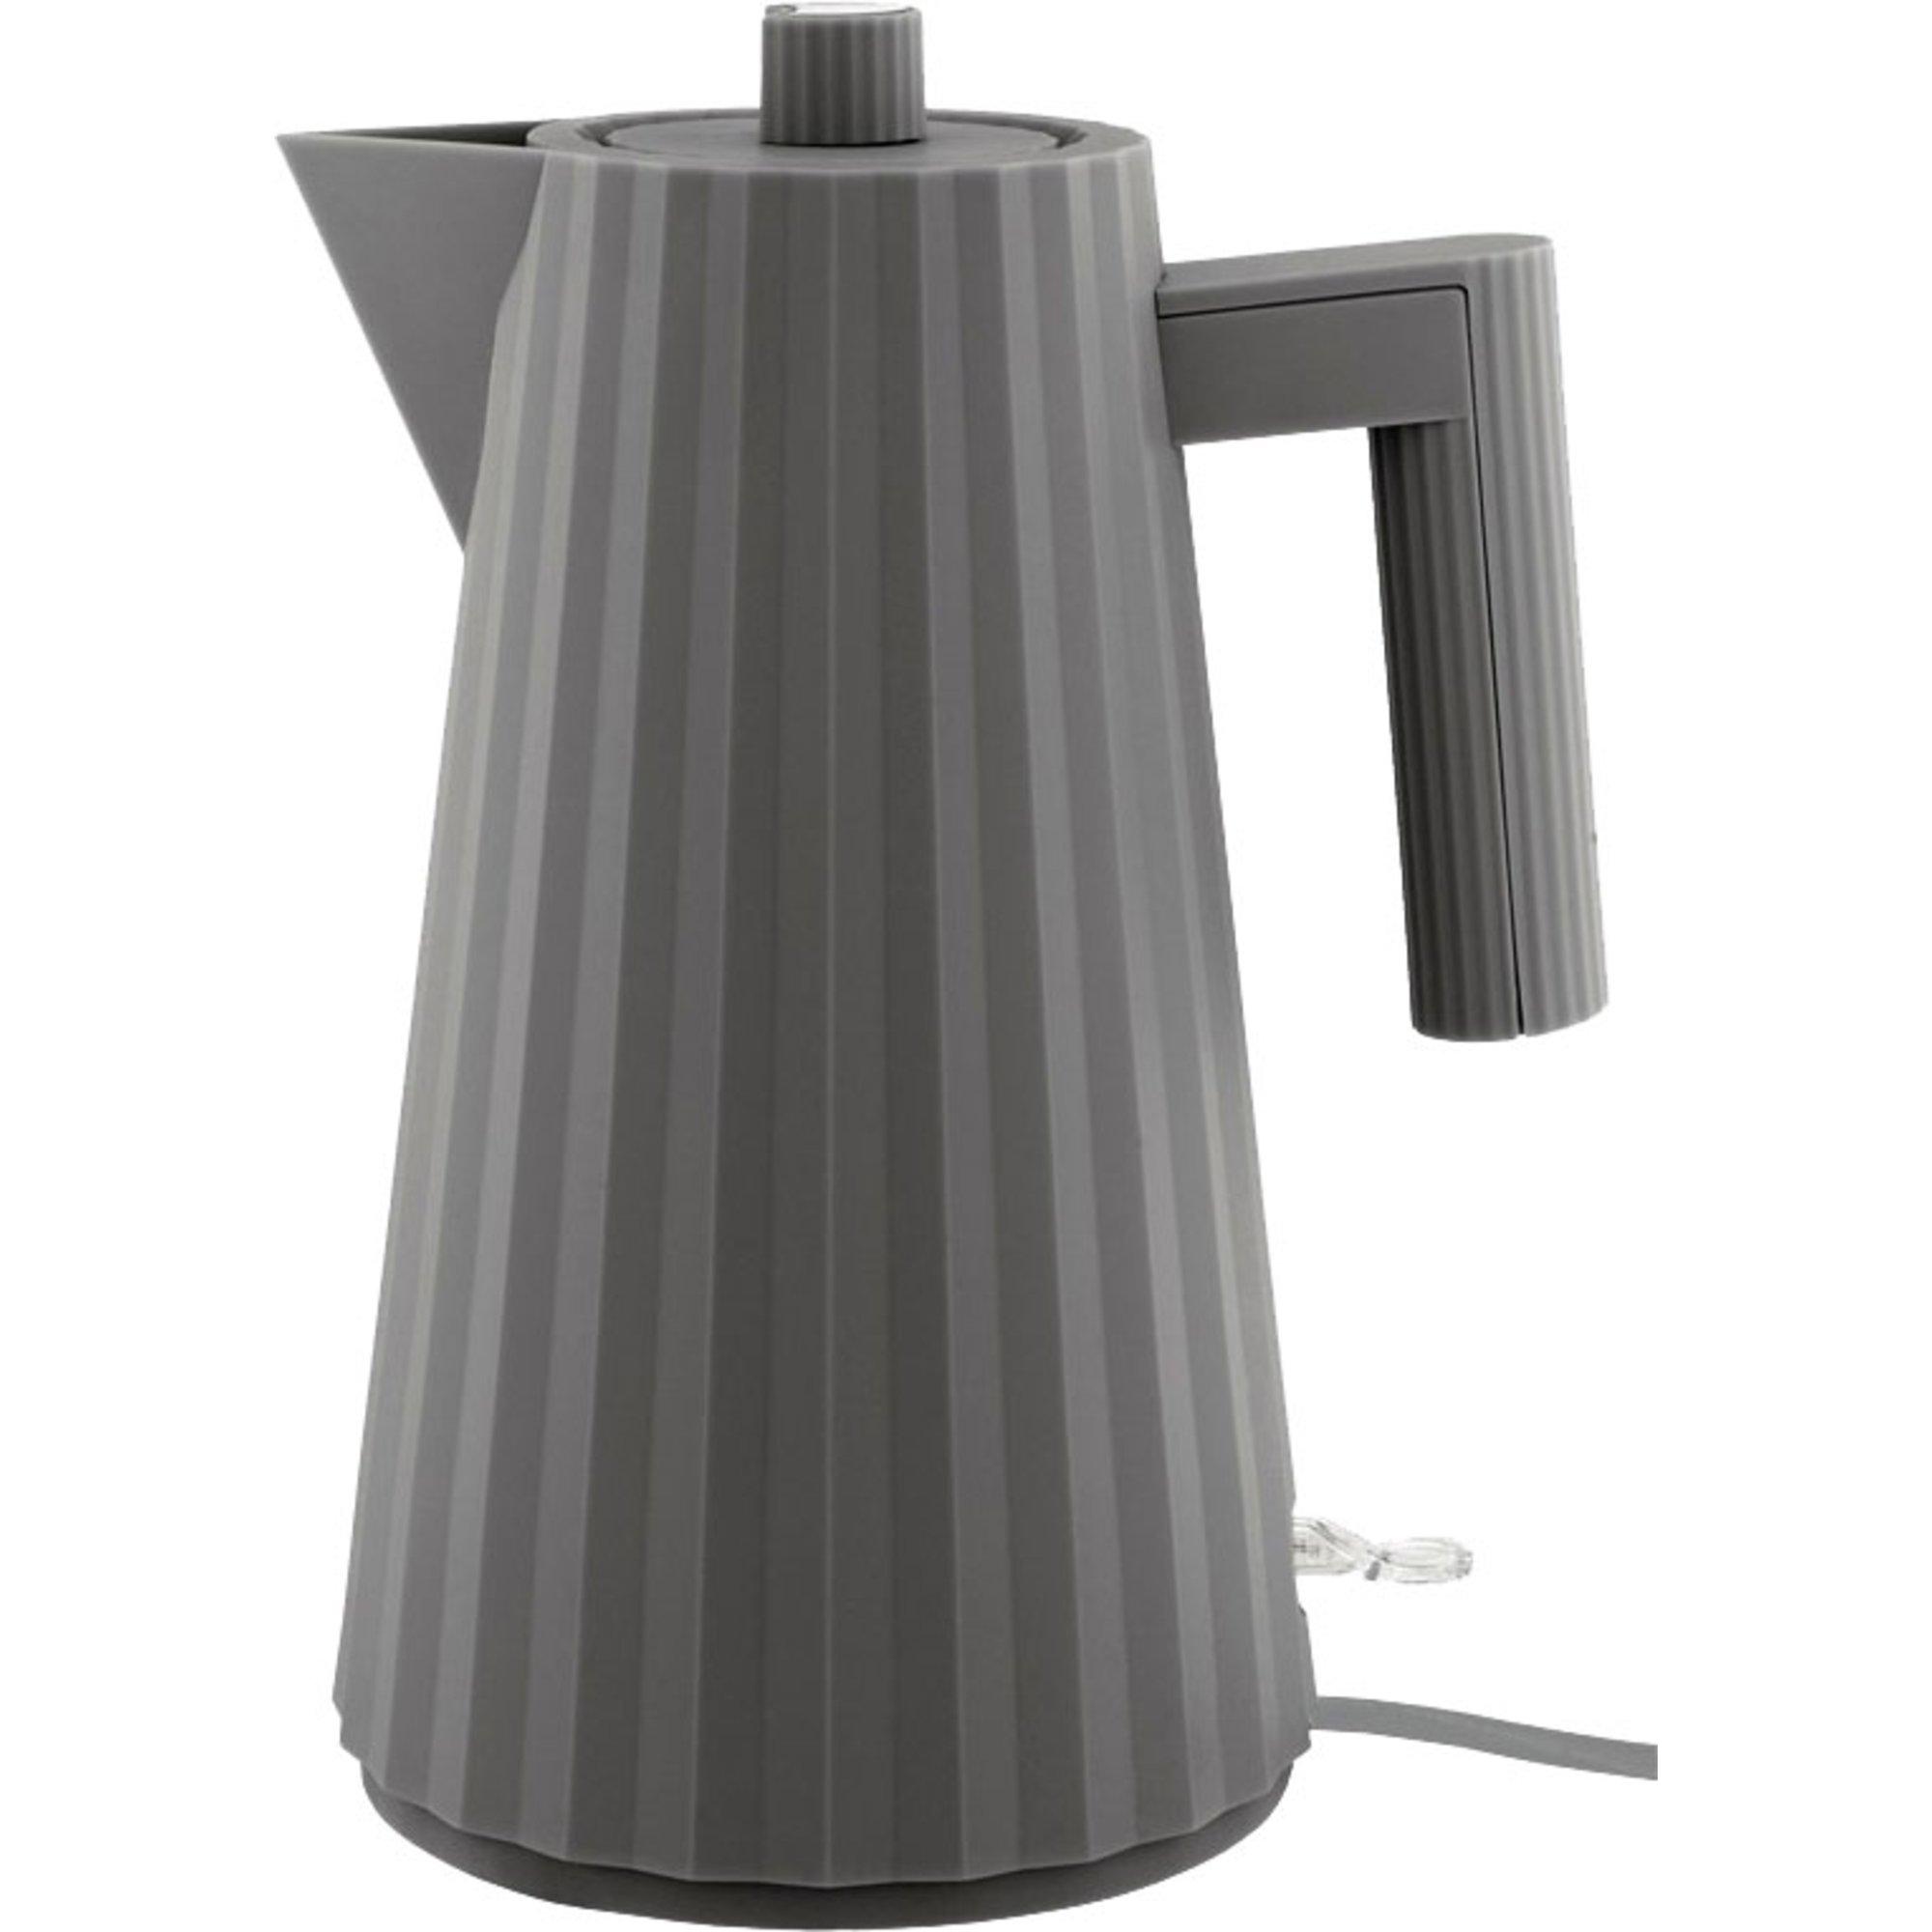 Alessi MDL06 Plissé vattenkokare 17 liter grå